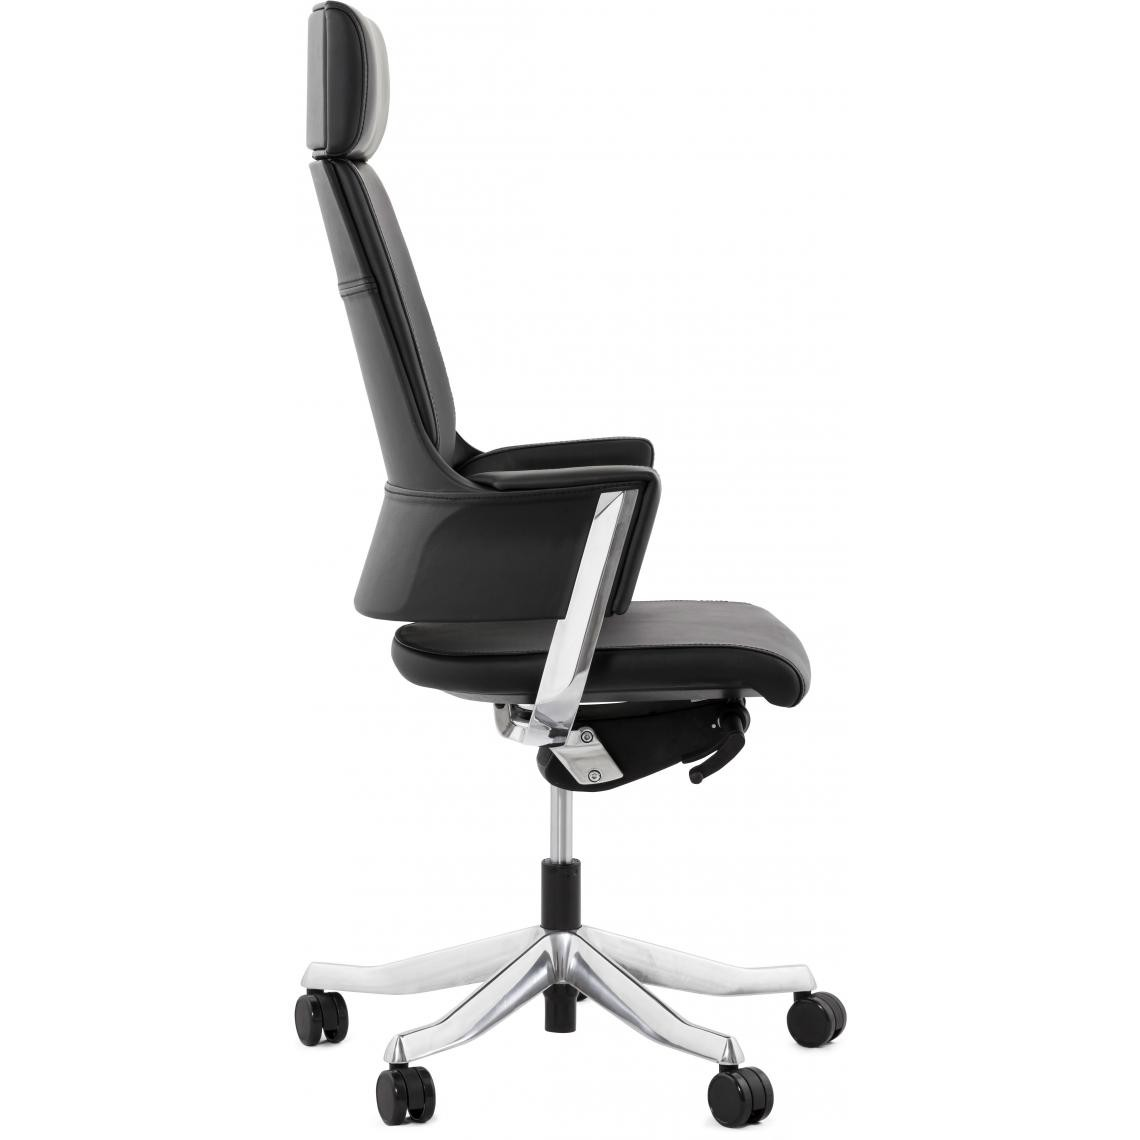 De Suisses Bureau Ergonomique Ivy3 Chaise Cuir Noir TFKcl1J